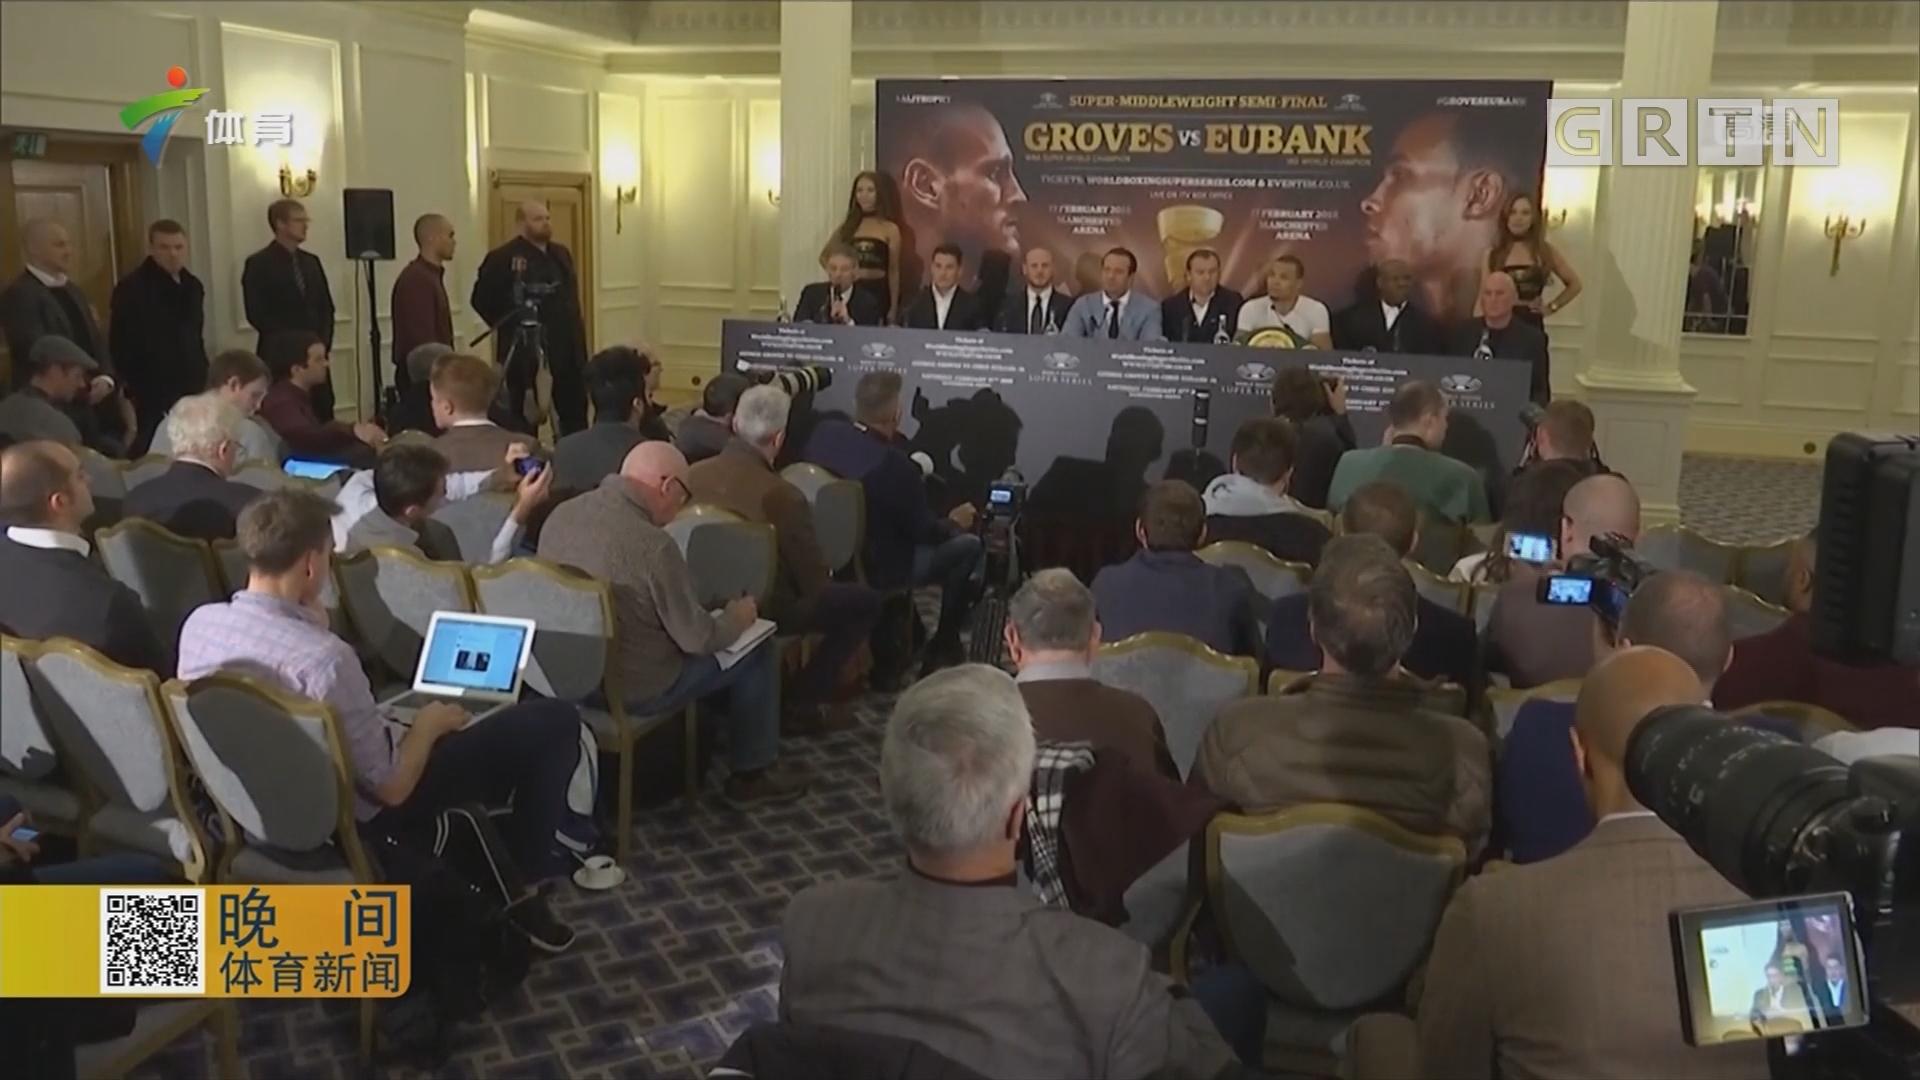 拳击世界超级系列赛:克里斯·尤班克挑战乔治—格里夫斯